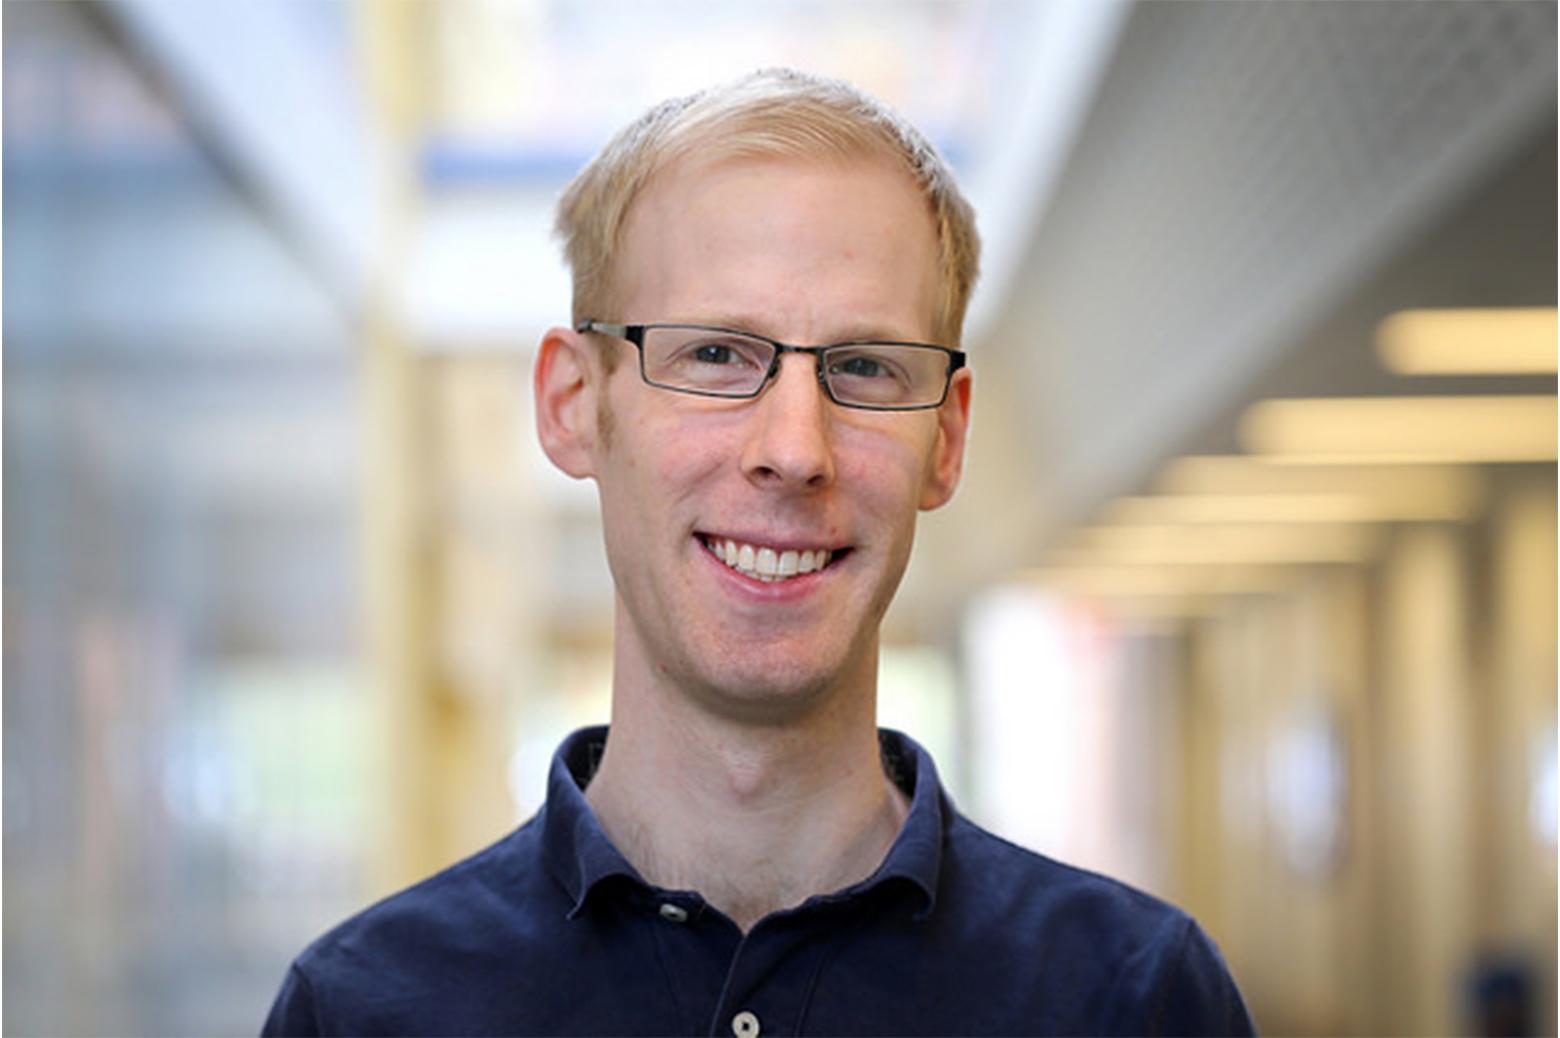 Jonathan Kummerfeld